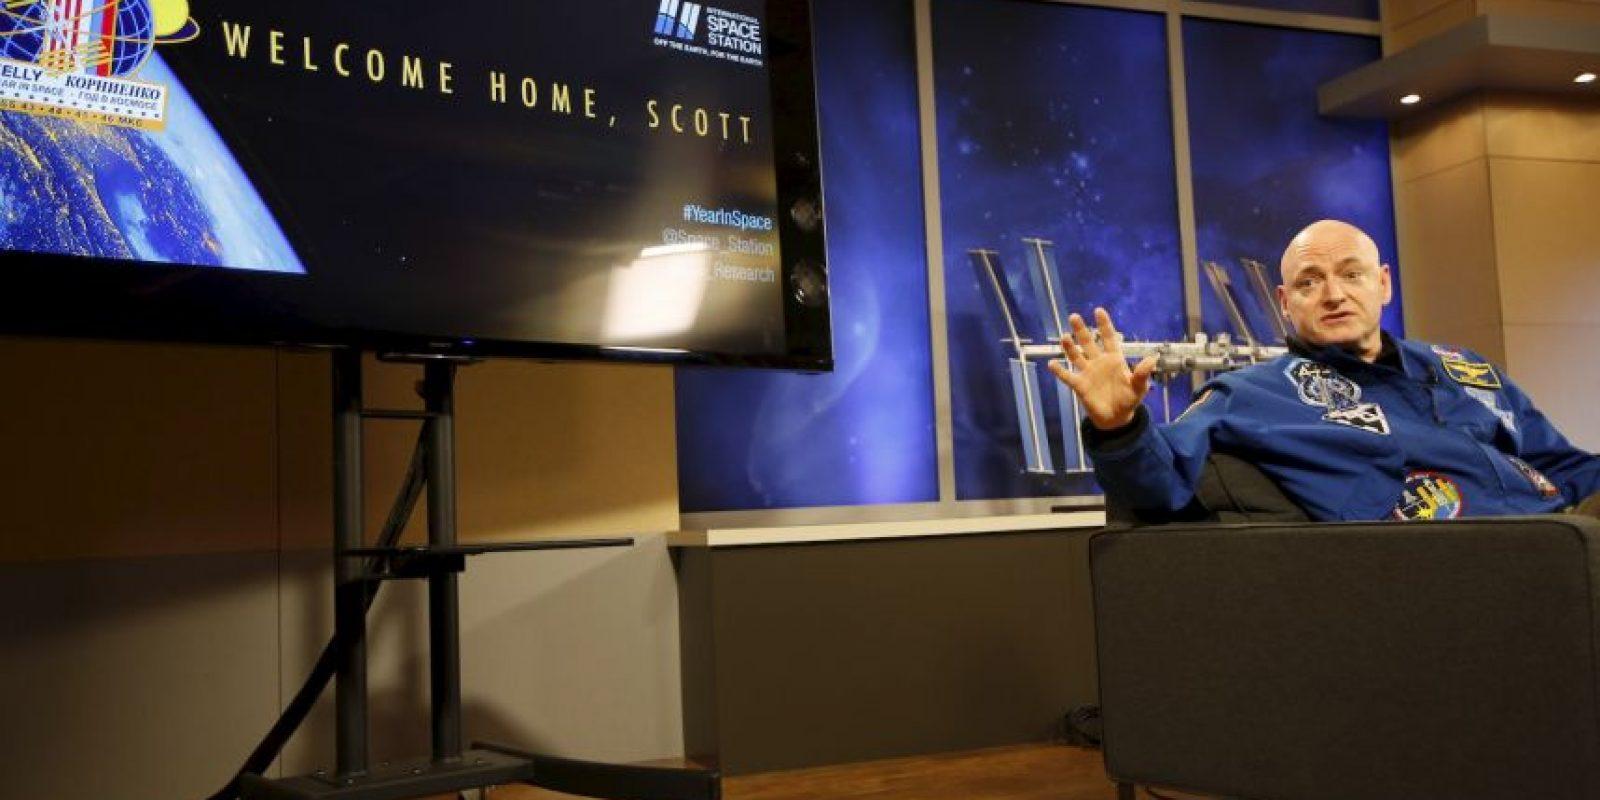 El astronauta estadounidense Scott Kelly vivió ahí 340 días consecutivos. Le dio la vuelta al mundo cinco mil 440 veces Foto:Getty Images